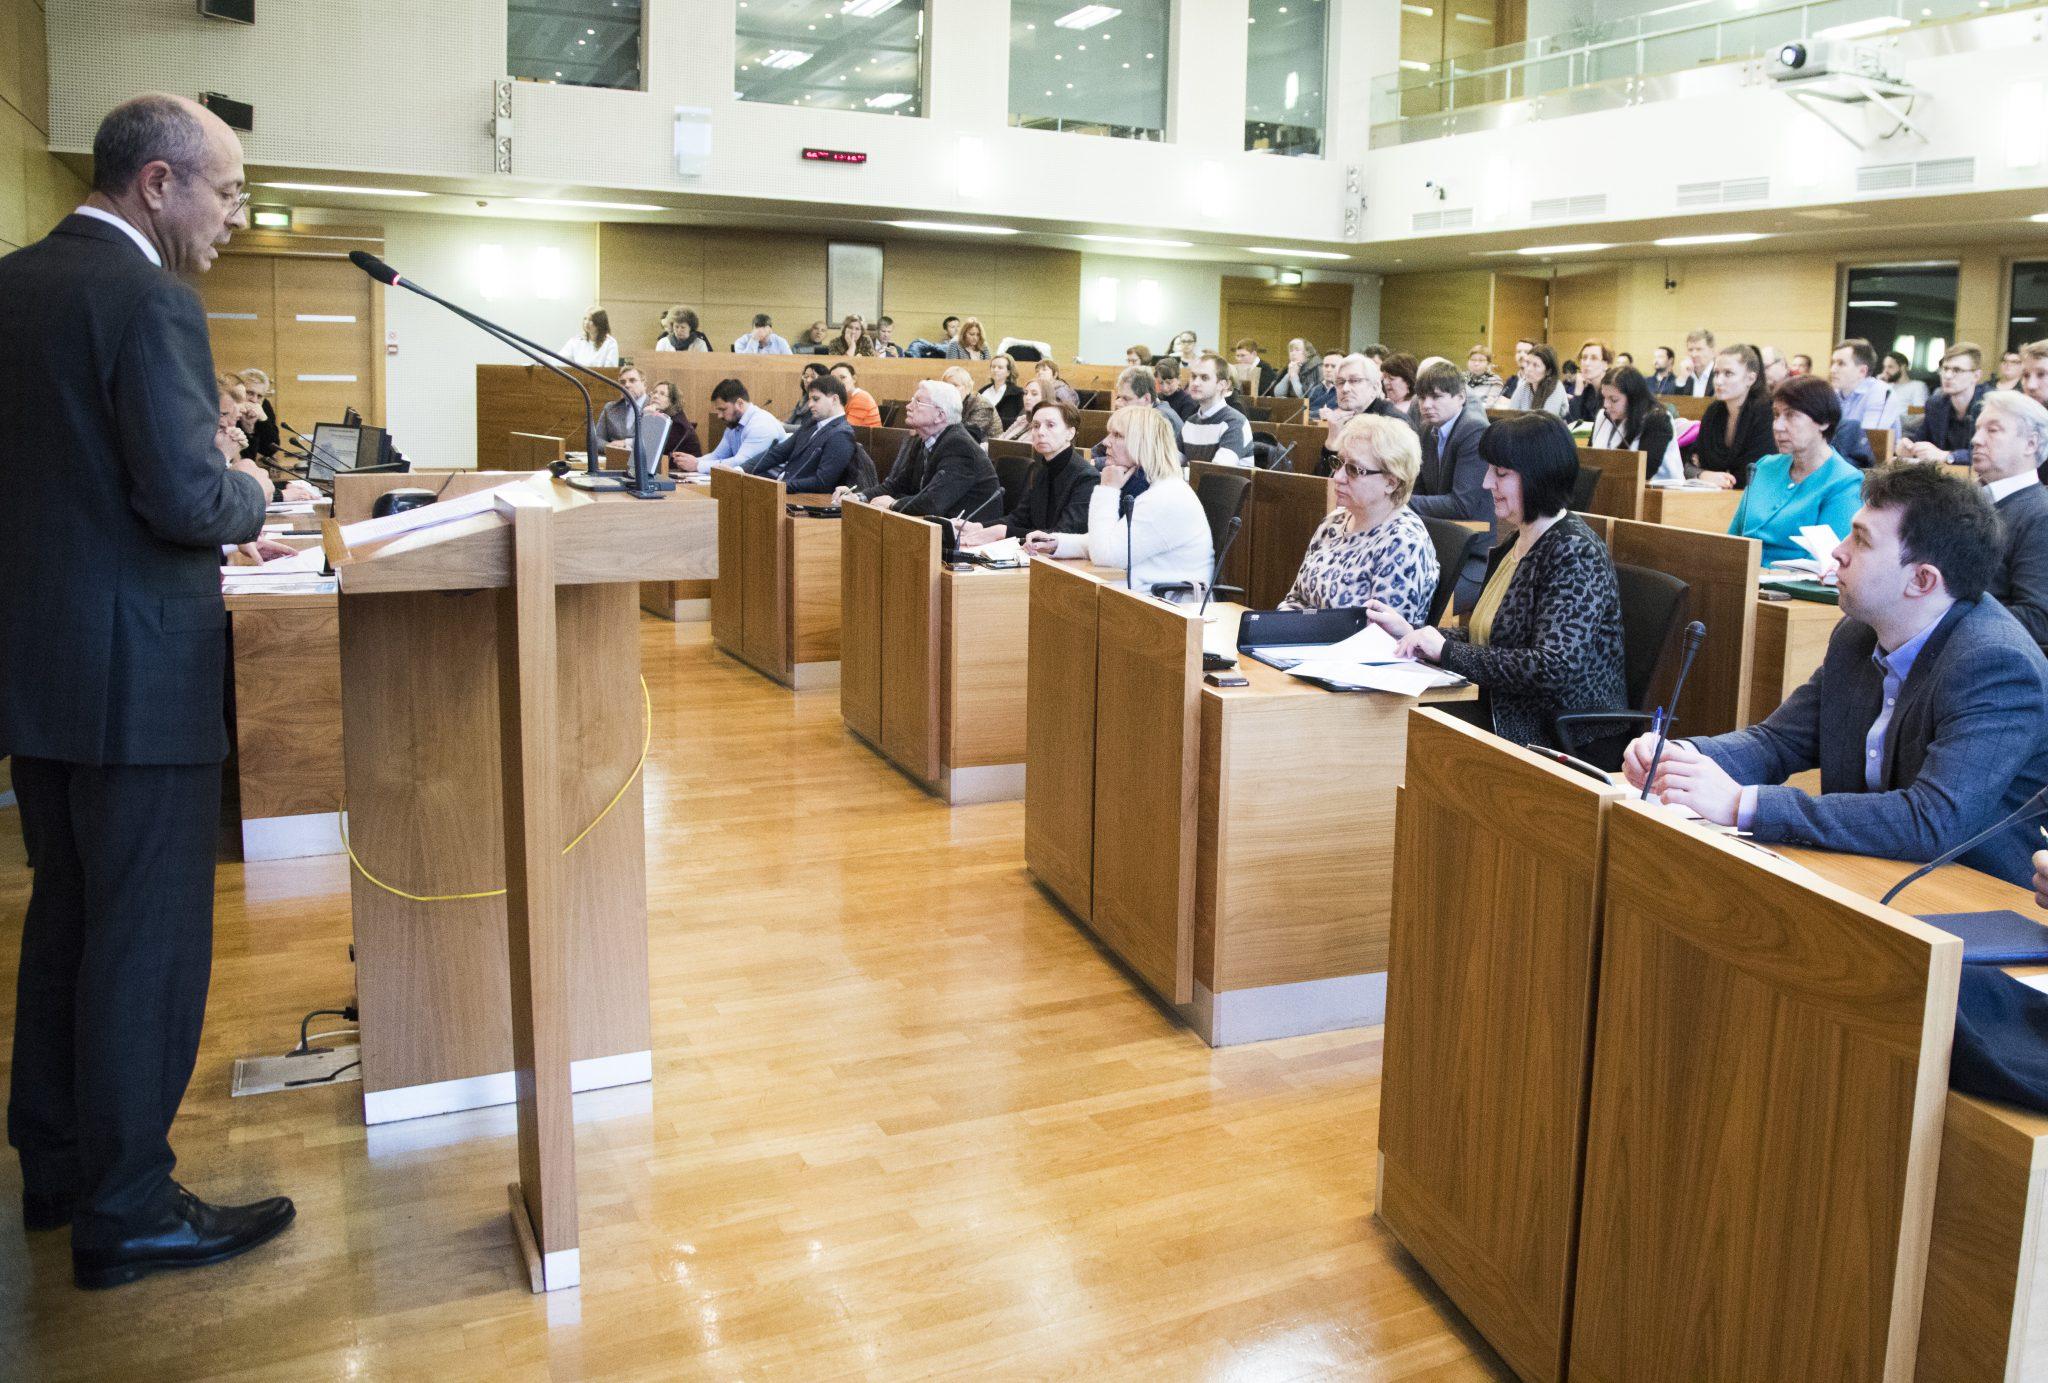 Vairāk nekā 80 namīpašnieku piedalījās seminārā par Rīgas pašvaldības līdzfinansējuma saņemšanu kultūras pieminekļu saglabāšanai